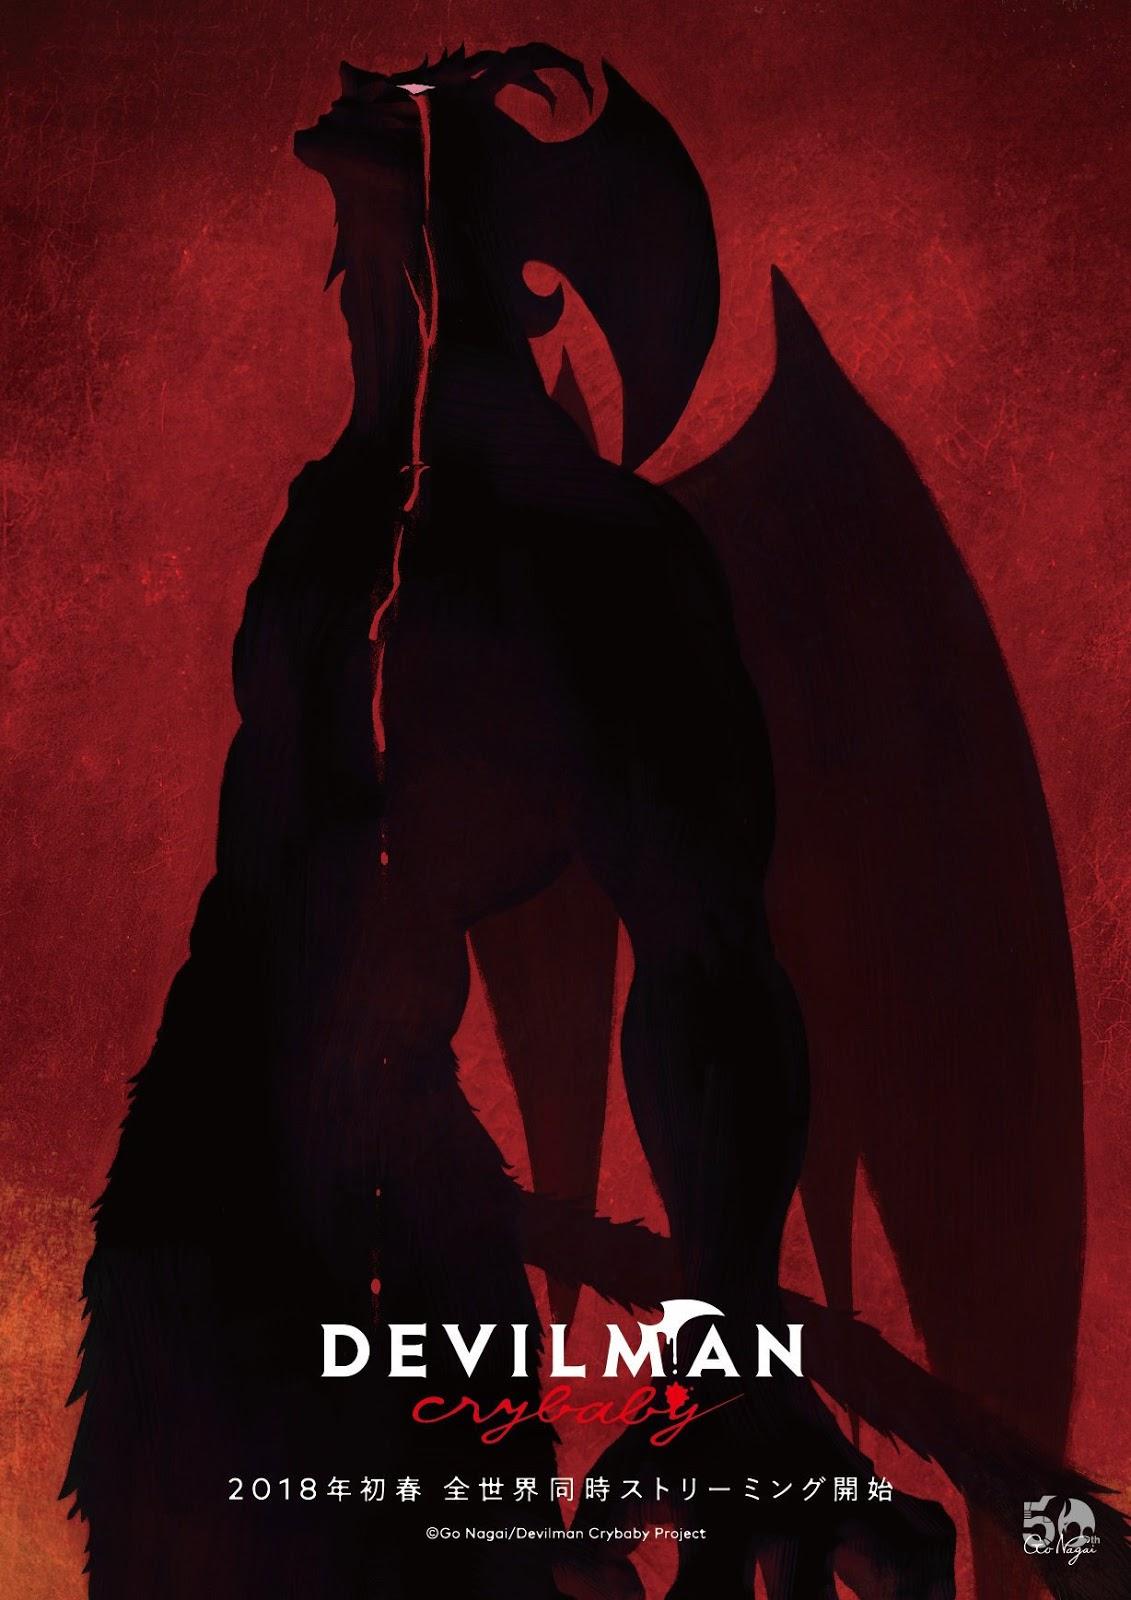 DEVILMAN Crybaby se estrena en Netflix